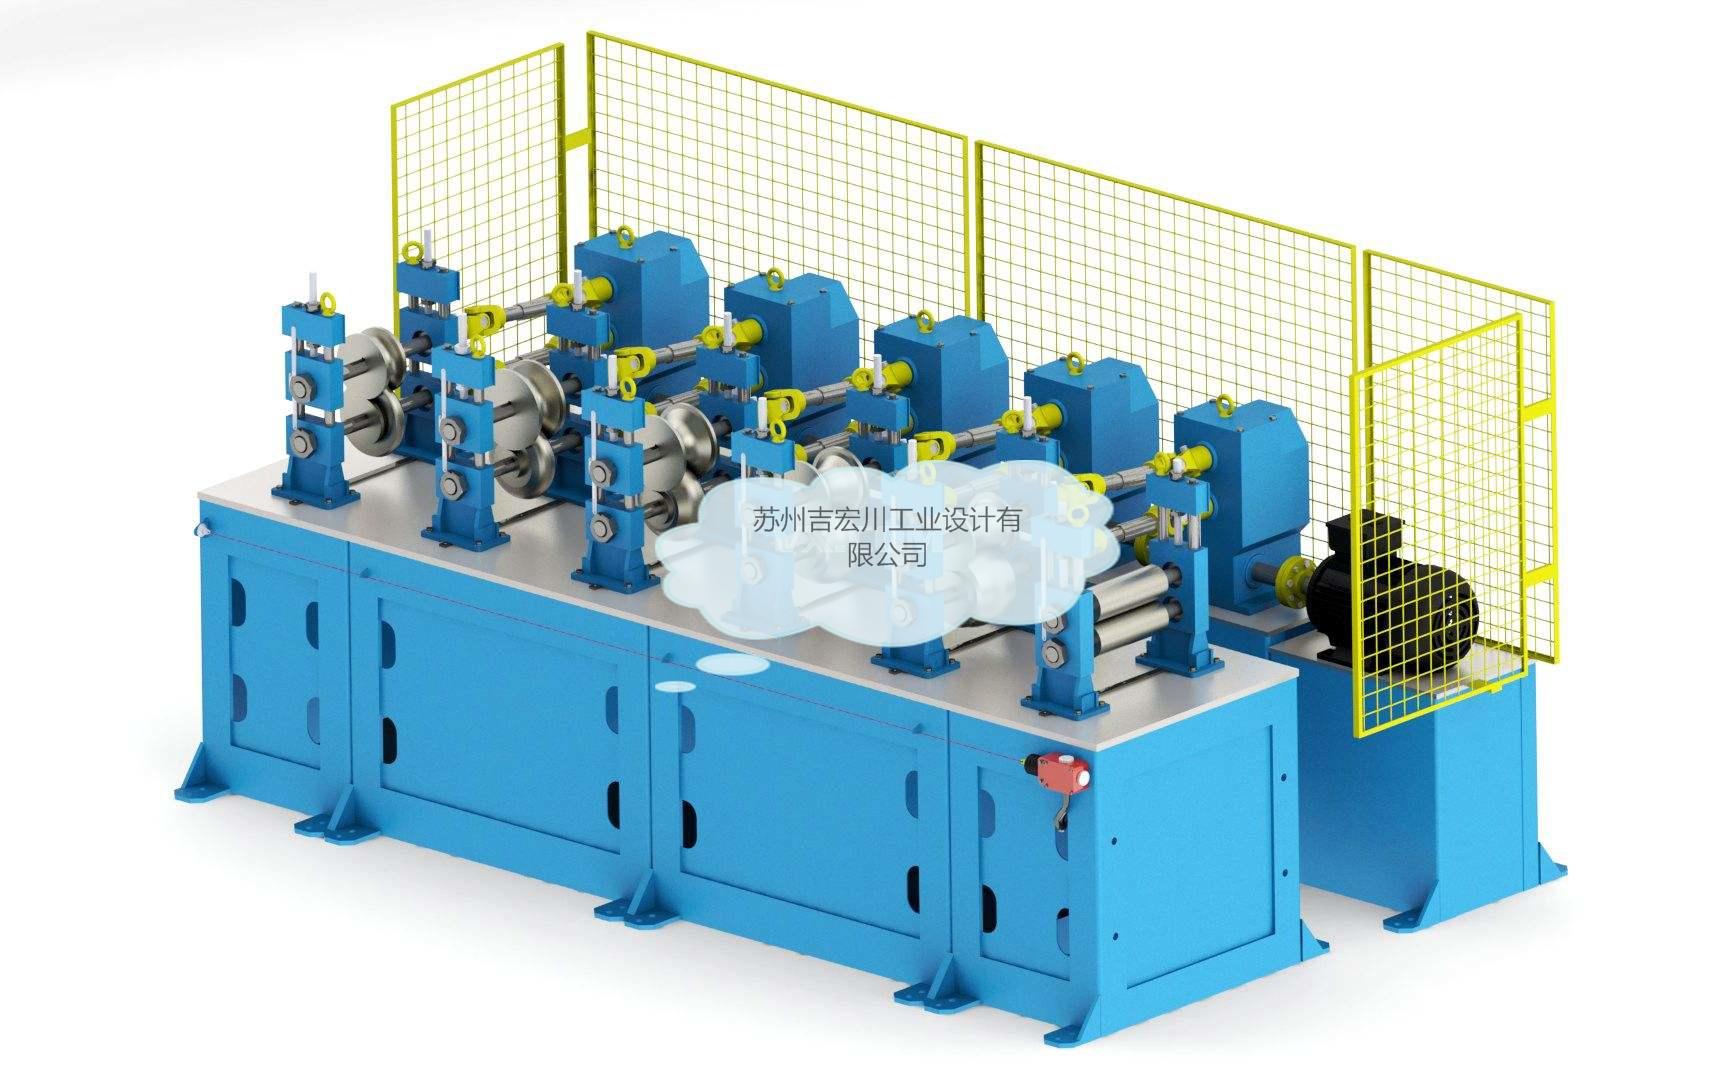 专业生产辊压机,根据要求不同设计欢迎咨询订购